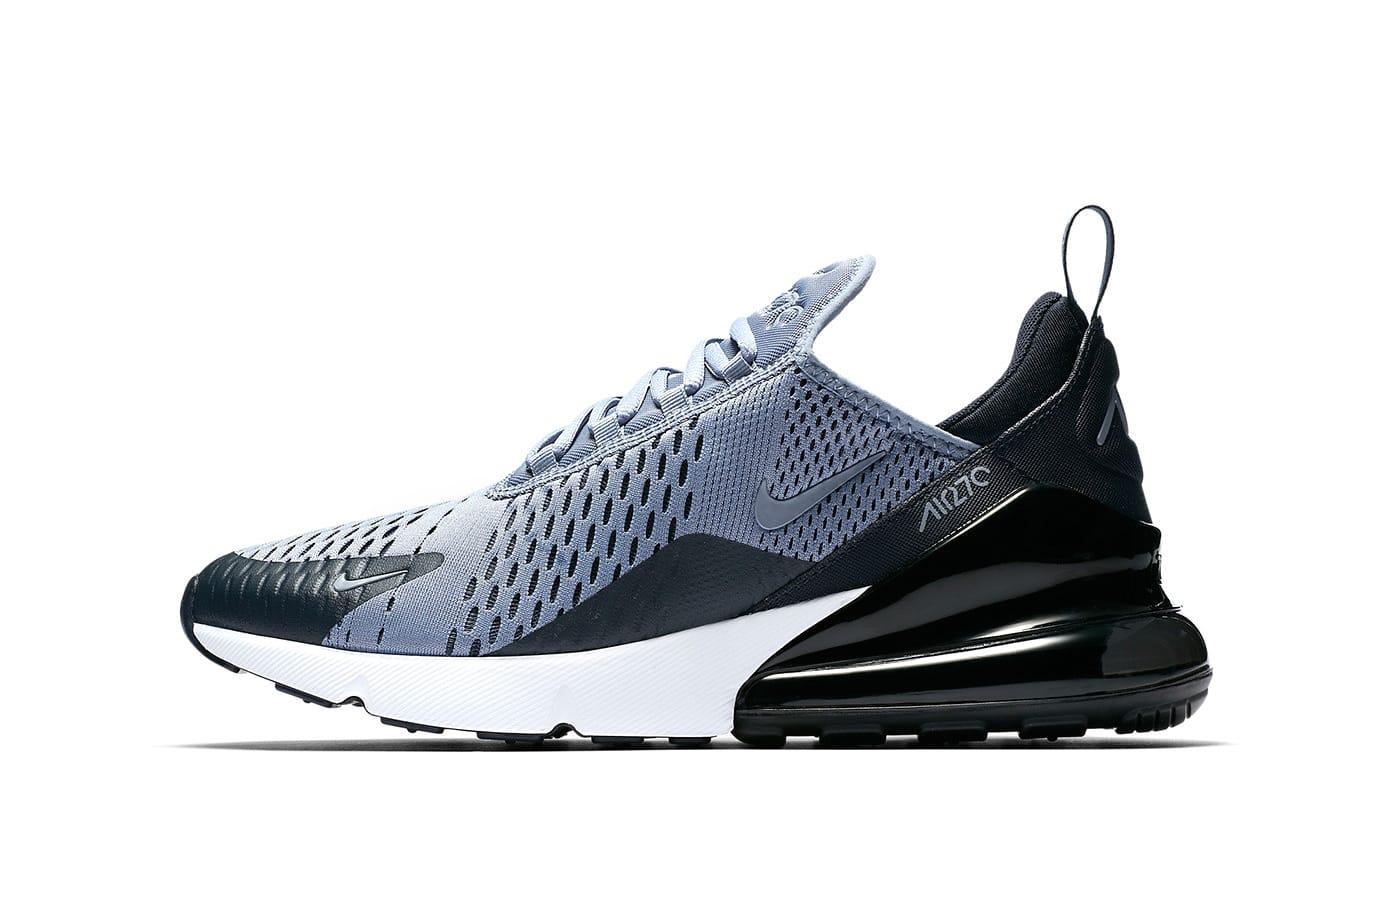 quality design 42cc9 f818c air max 90 0 3 months Nike ...